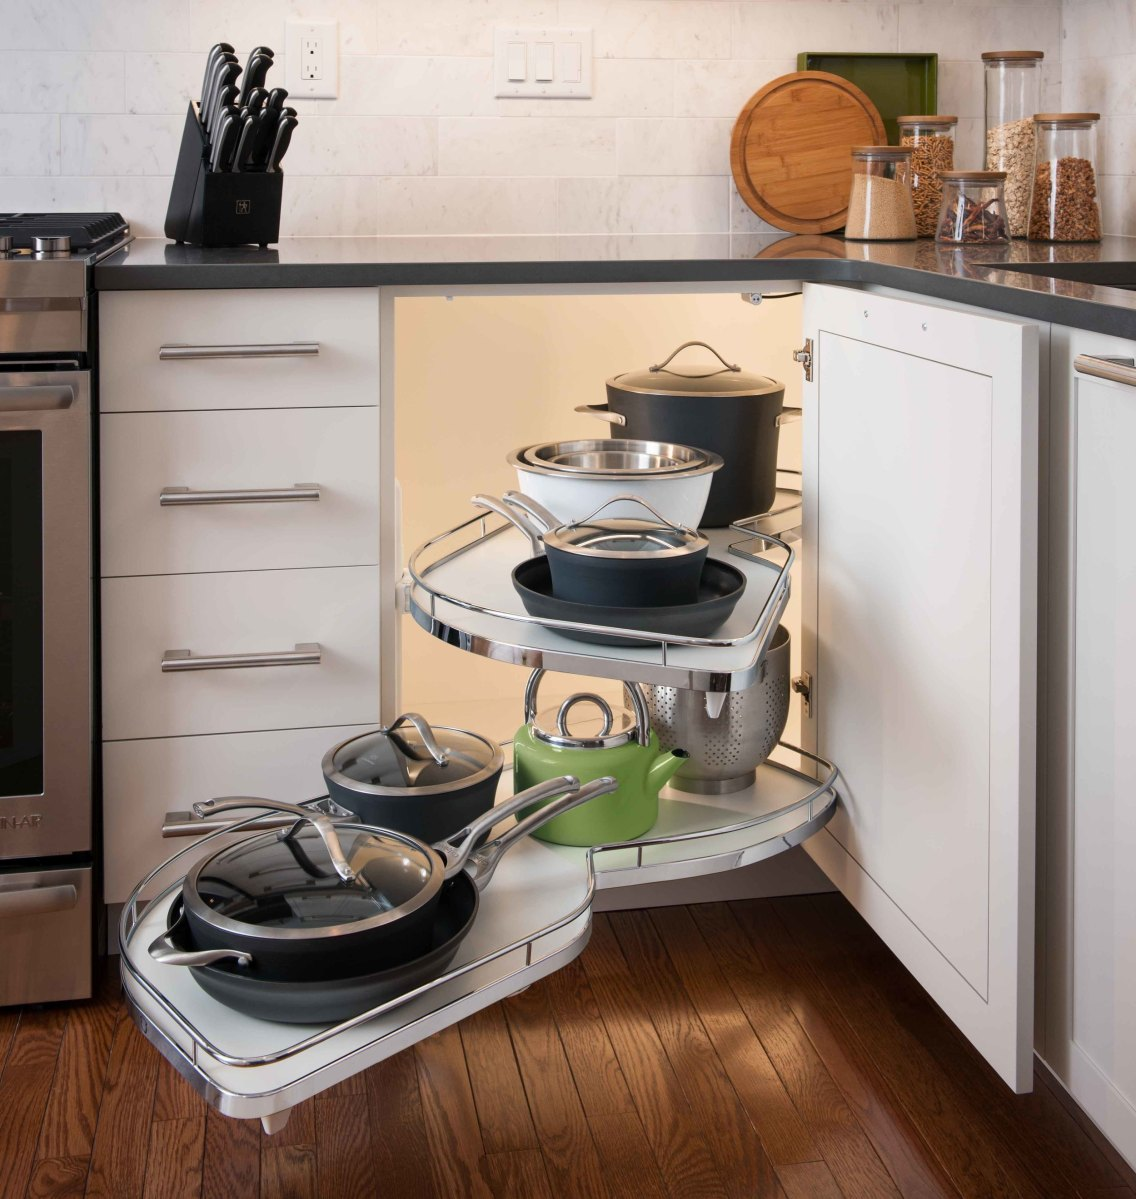 Kitchen Cabinet Ideas 2018: Kitchen Appliance & Storage Trends 2018